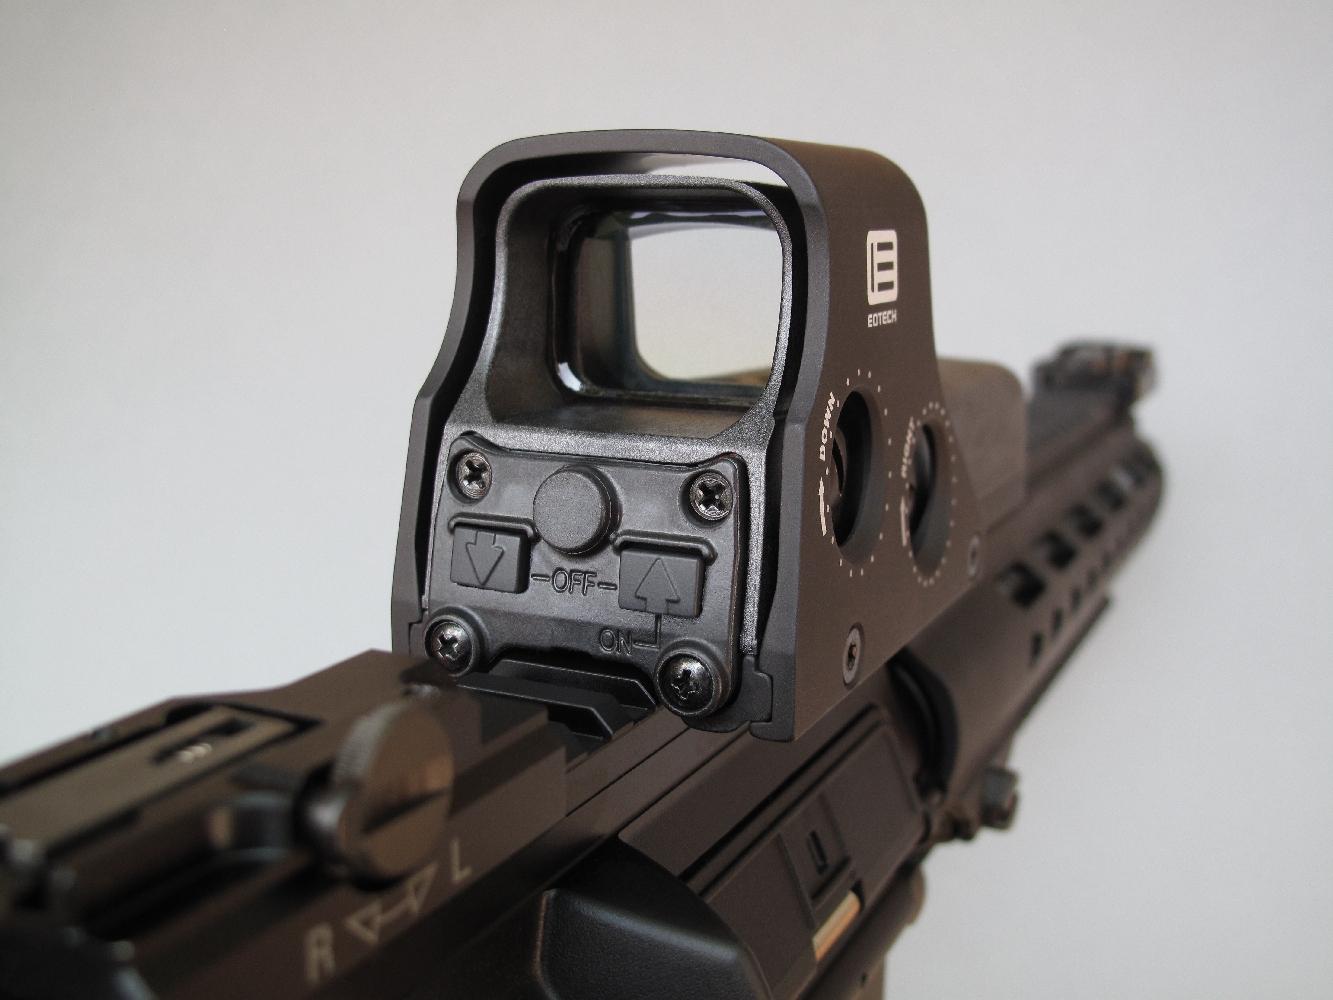 Nous avons équipé cette arme d'un viseur holographique Eotech 512 qui présente, en contrepartie de son encombrement non négligeable, d'indéniables qualités puisqu'il est muni d'un robuste blindage de protection et alimenté par des piles standard instantanément accessibles.